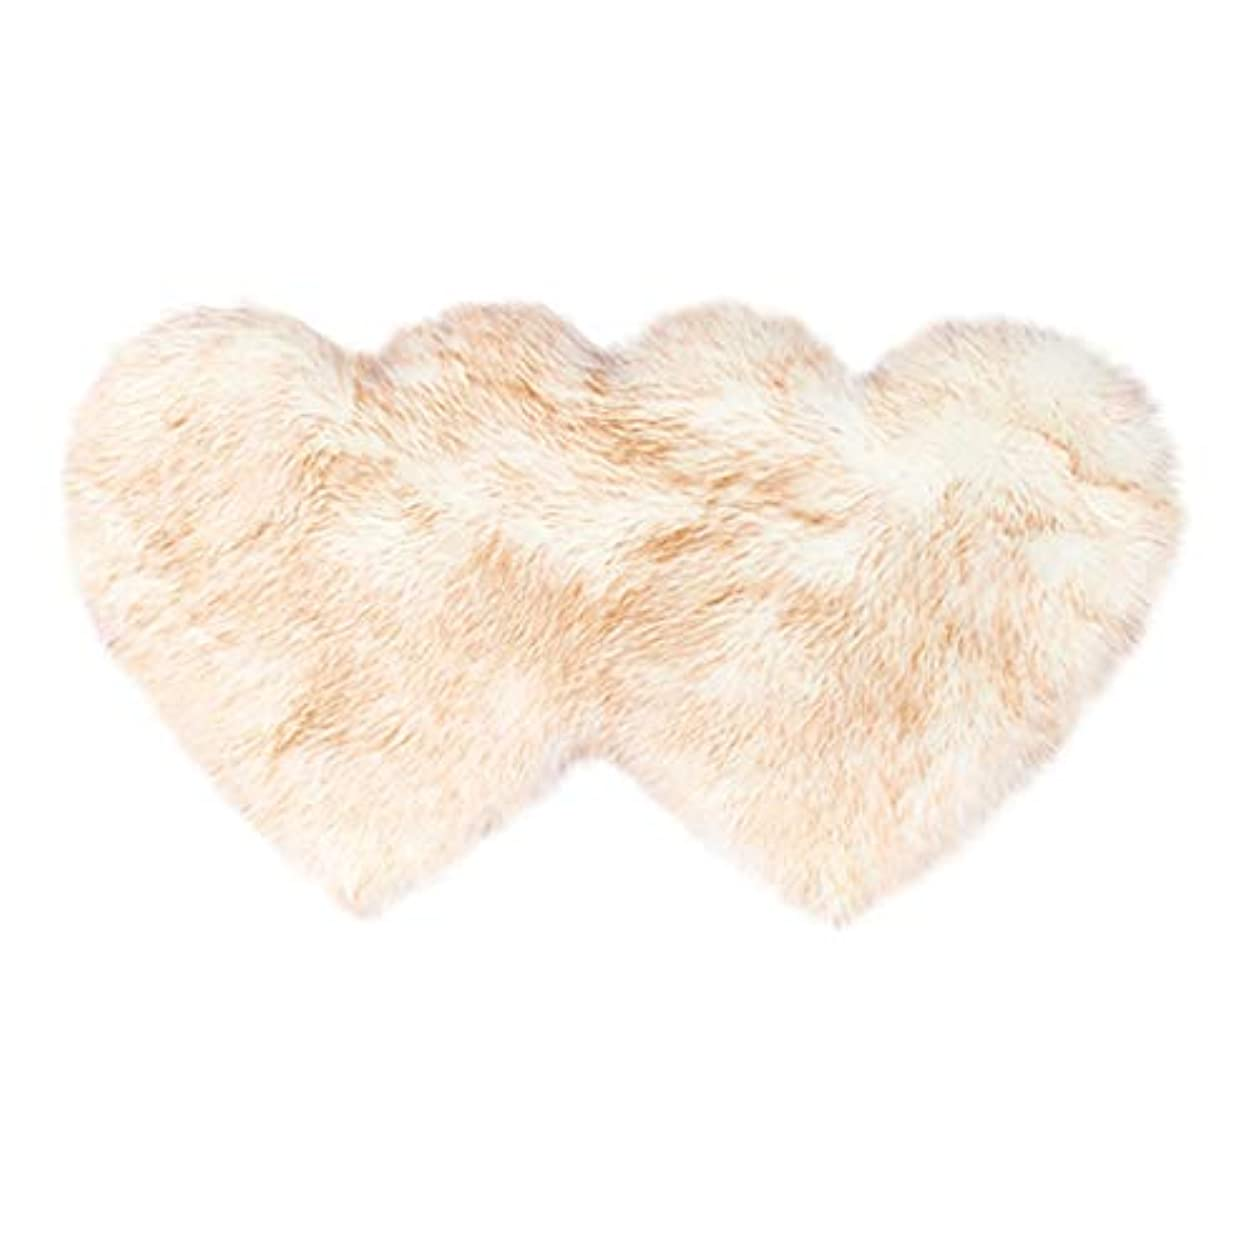 サーキットに行くラウズ常習者愛の形の羊毛と羊の皮のじゅうたんと非滑り防止の寝室の毛茸のじゅうたんのマット